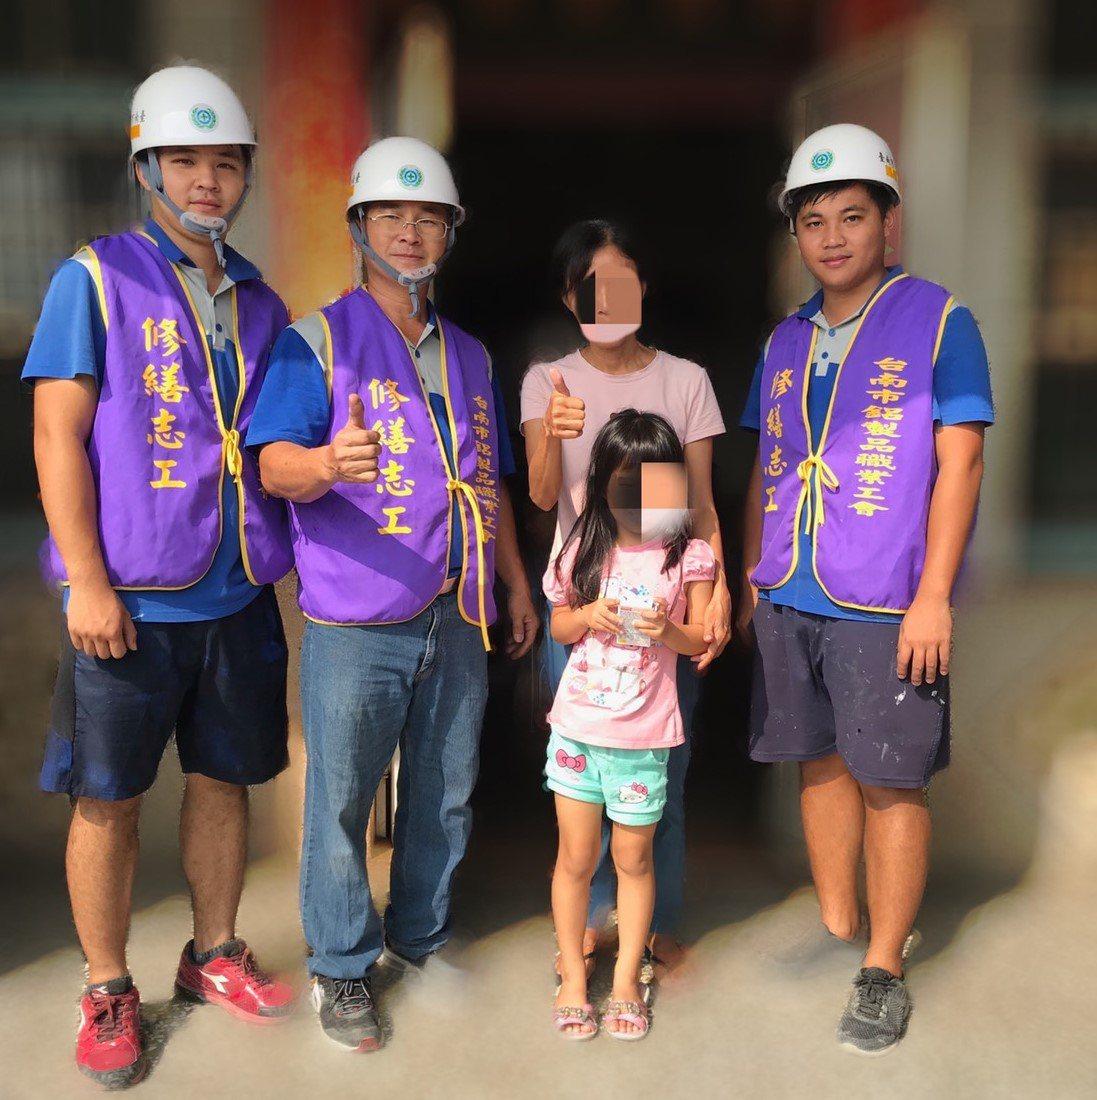 台南市鋁製品製造裝配職業工會的志工吳元榮(左二)帶著兩名兒子吳佳軒、吳佳霖一同參...